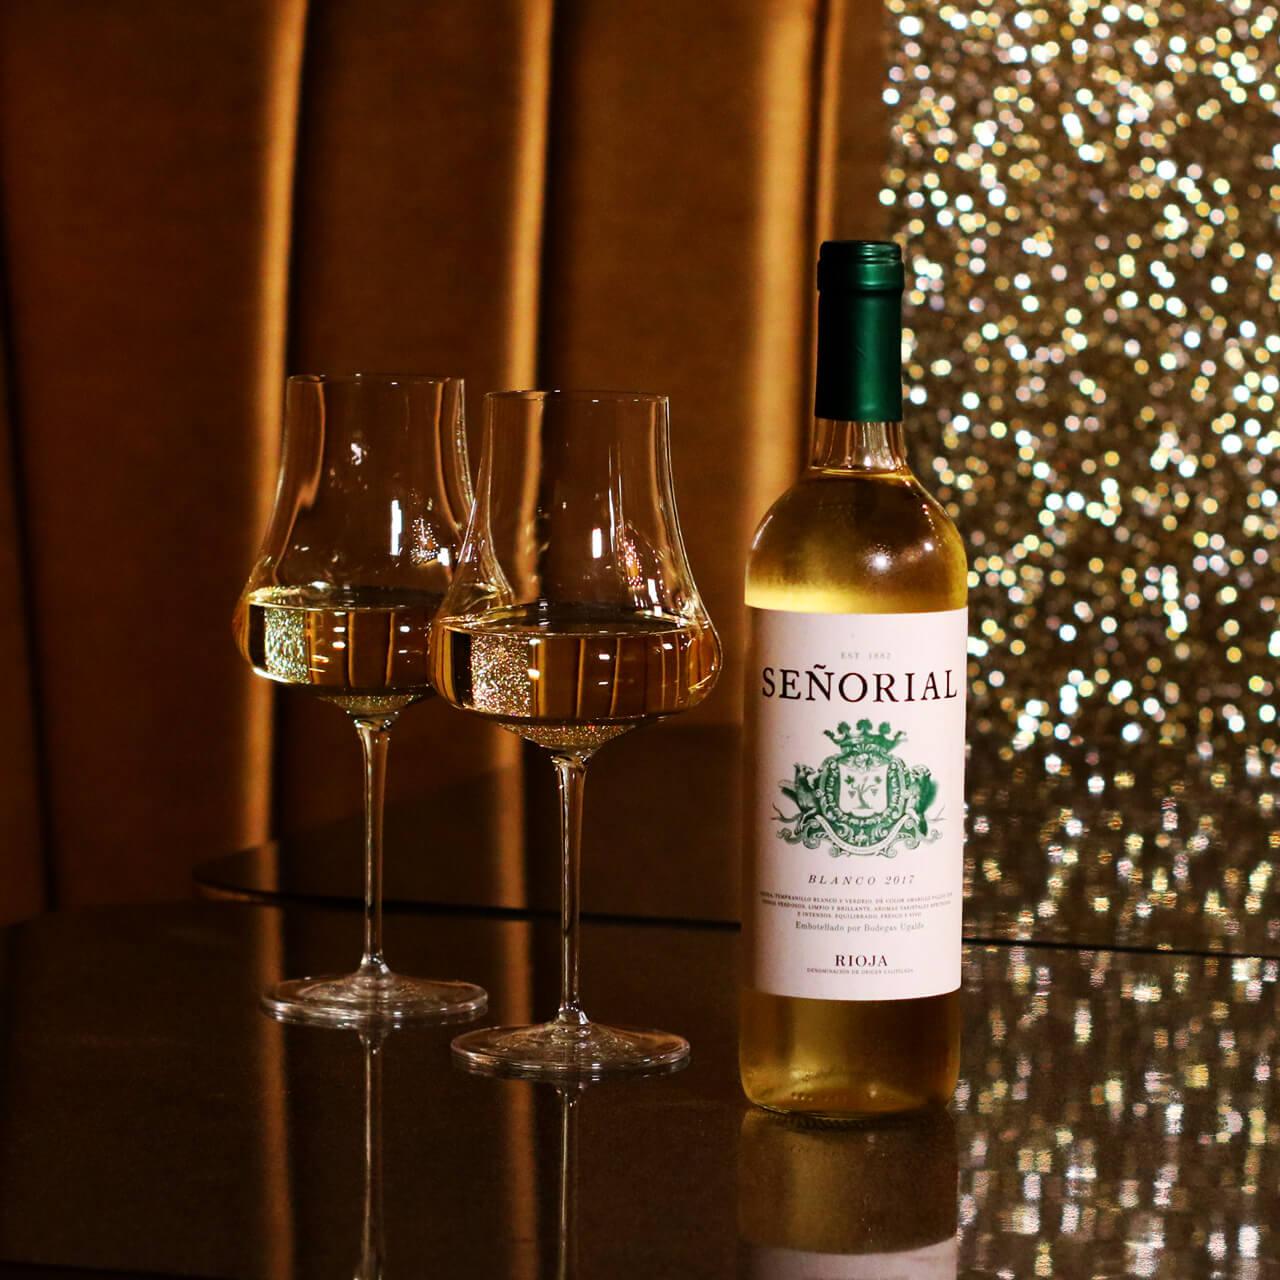 Senorial Rioja Blanco - Frankies Wine Bar